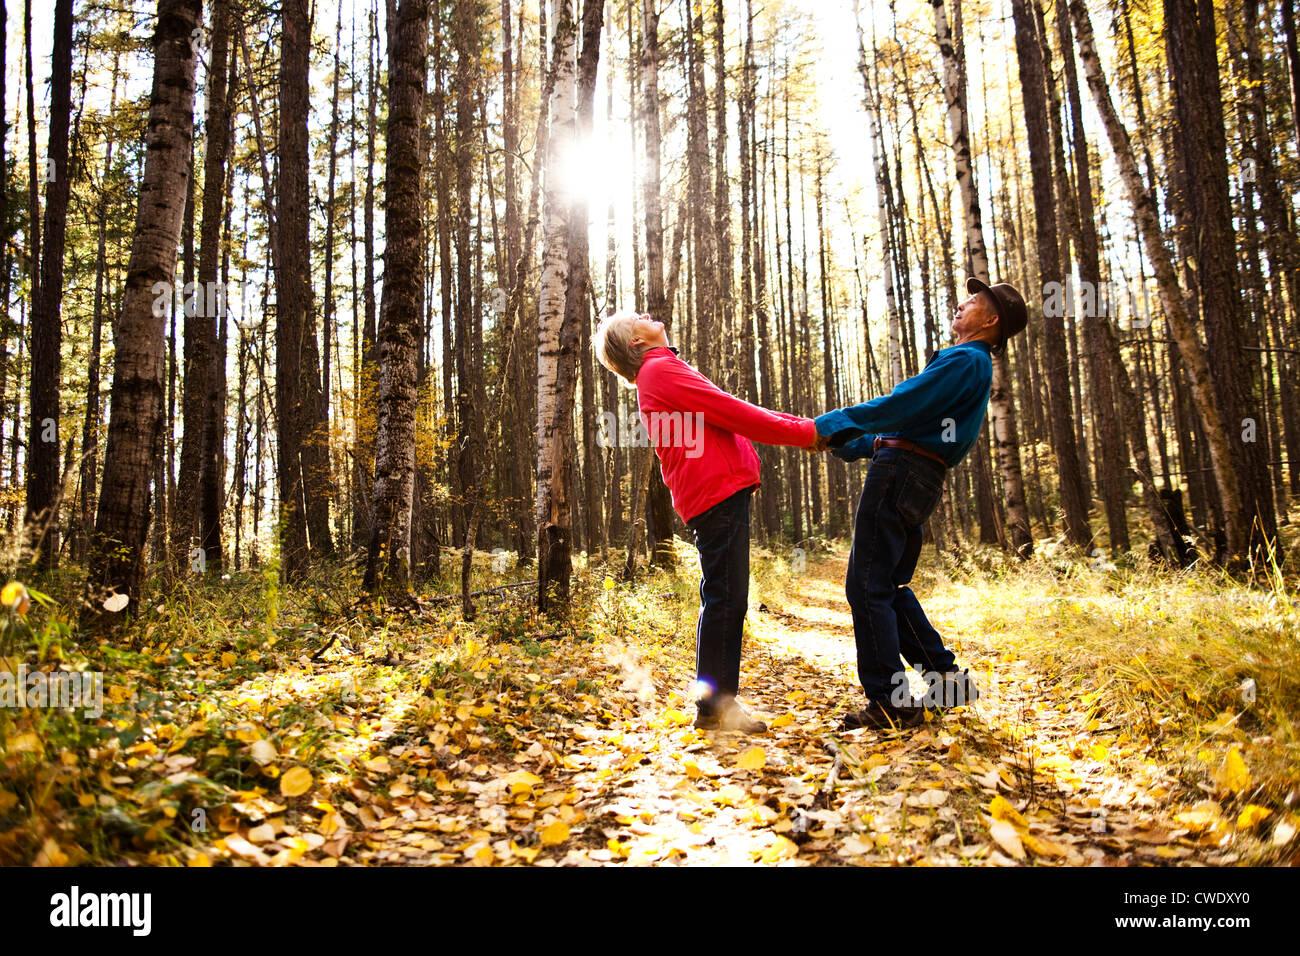 Ein glückliches Paar zu lachen und Lächeln während auf einer Wanderung durch den Wald im Herbst in Stockbild